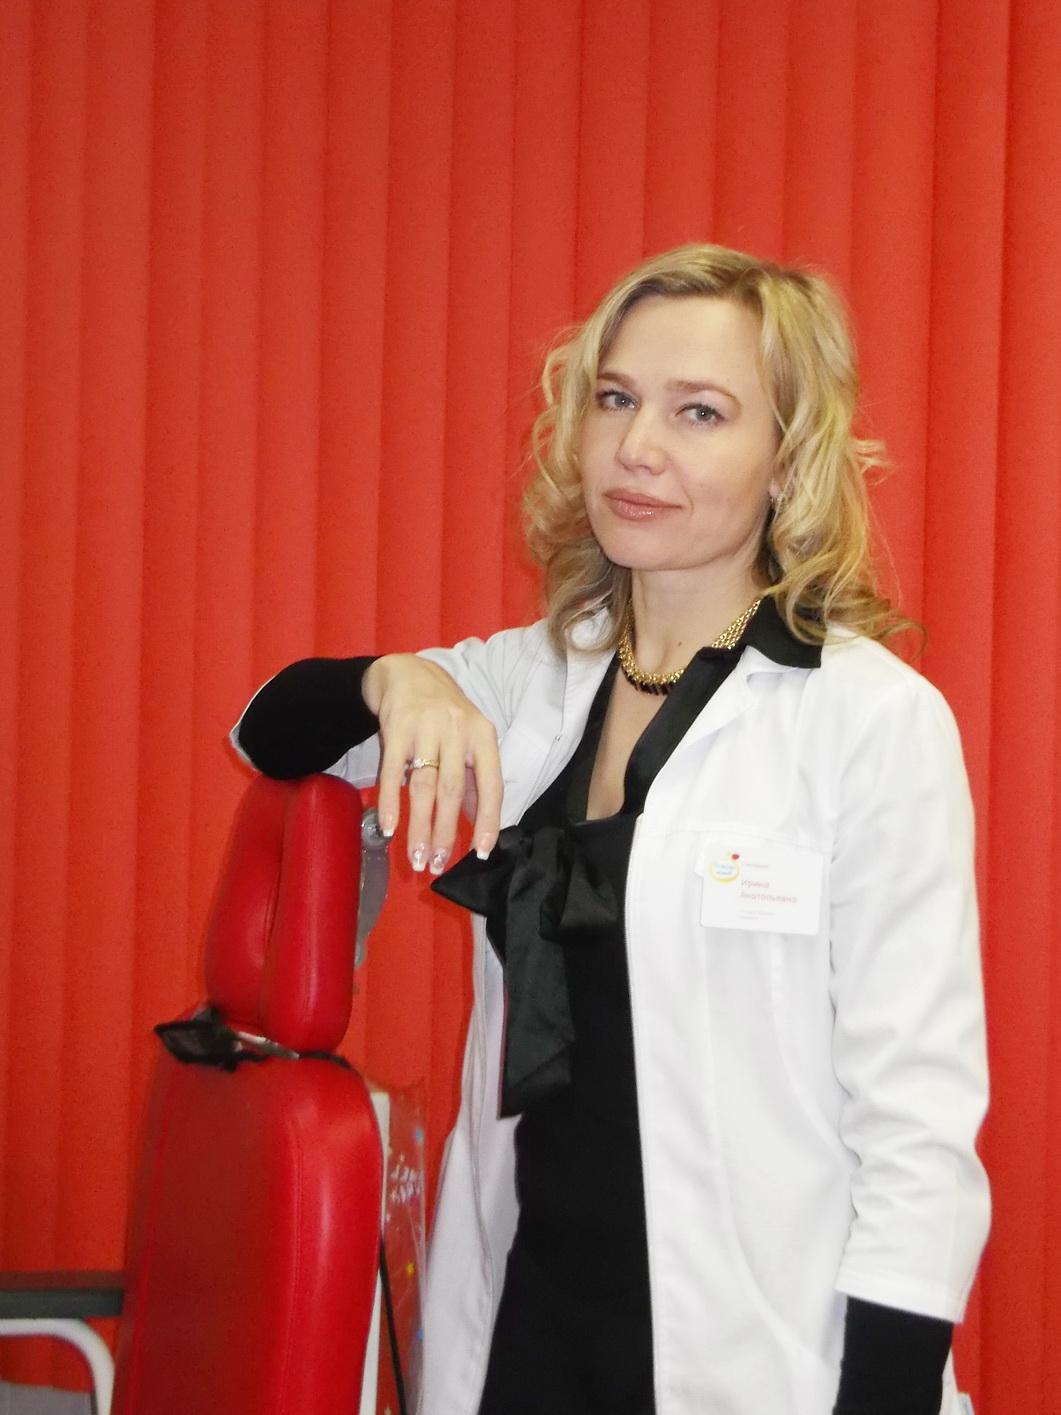 Кардиолог многопрофильного медицинского центра НС Клиник в Жуковском, Раменском, Лыткарино